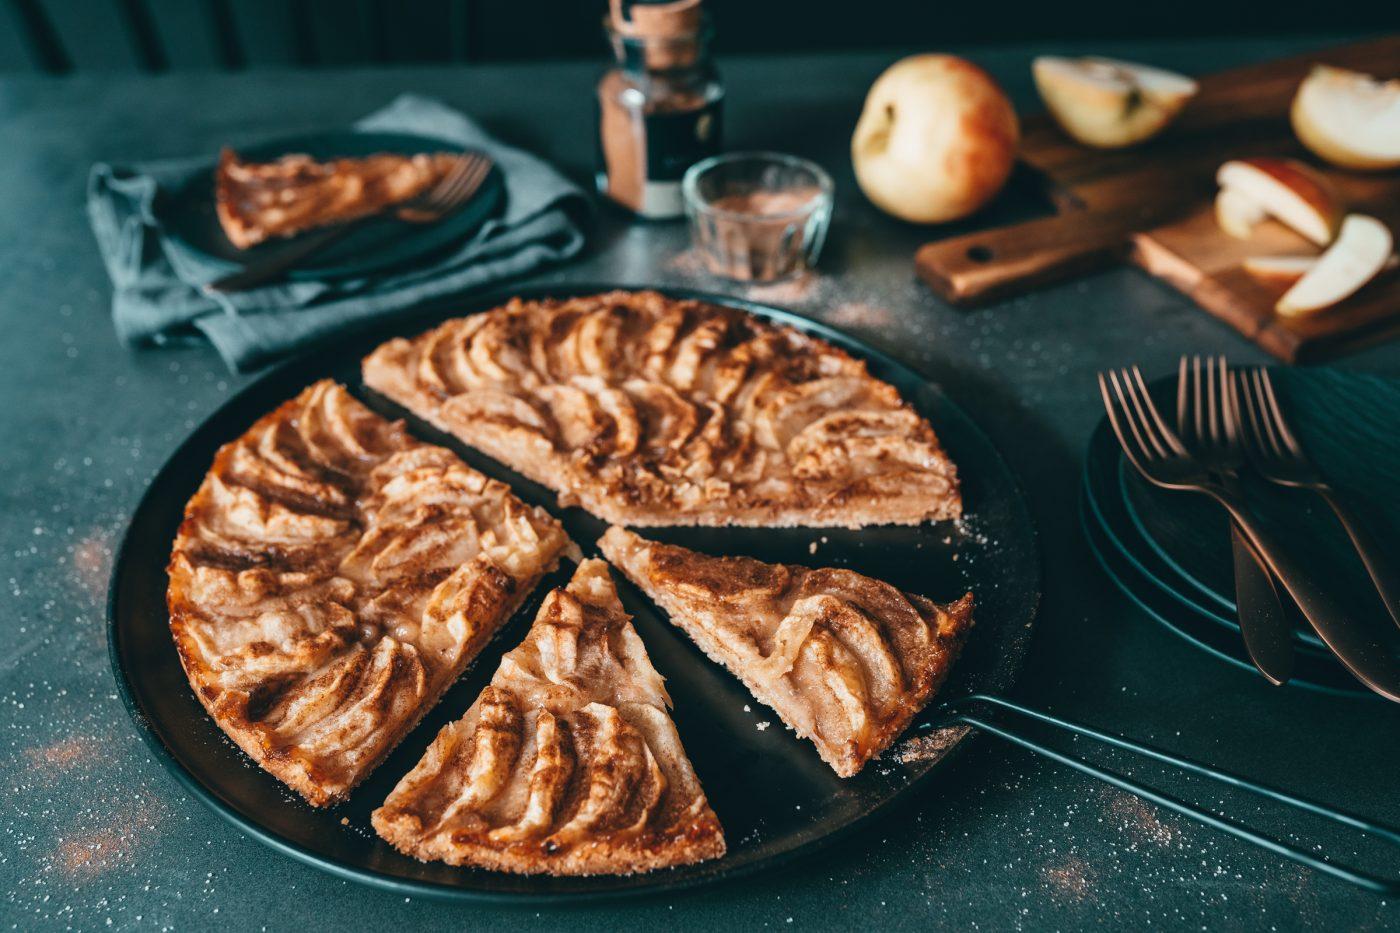 Knusper Apfelkuchen 20 11   Apfel geht einfach immer, oder?! Ganz egal, ob Apfelkuchen, Apfelgelee oder ein Dessert mit Äpfeln. Vor allem in den kalten Monaten ist er für uns immer ein Seelenwärmer. Die Kombination mit Zimt ist nahe der Perfektion und auch wenn er momentan keine Saison hat, bekommt ihr, Dank Lagerware, auch aktuell durchaus noch regionale Äpfel. Unser heutiges Rezept, der Hasselback-Apfel mit Crumble & Skyr, ist perfekt für den unkomplizierten Apfelgenuss mit Zutaten, die ihr bestimmt zu Hause habt.